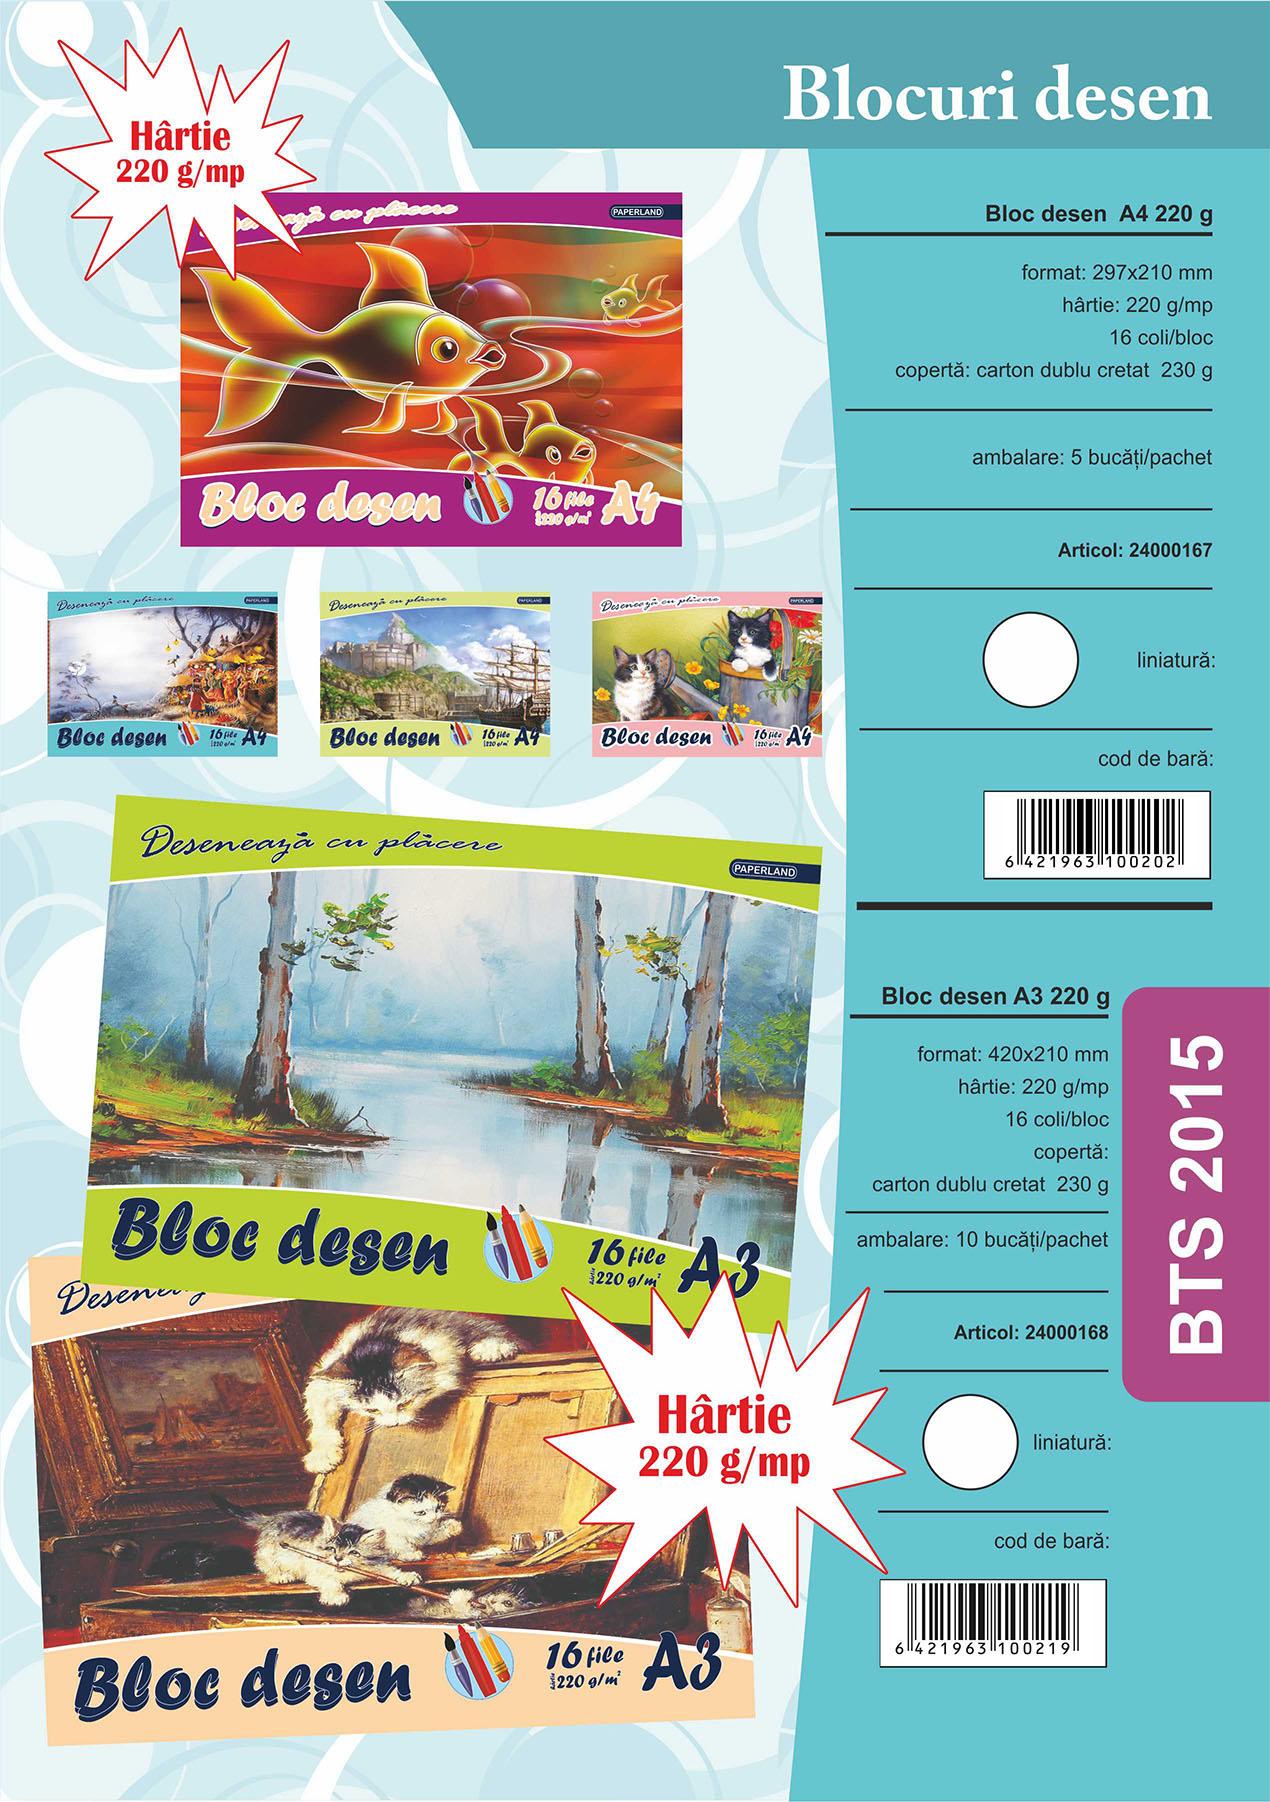 Blocuri A4 15 file 220 g Image